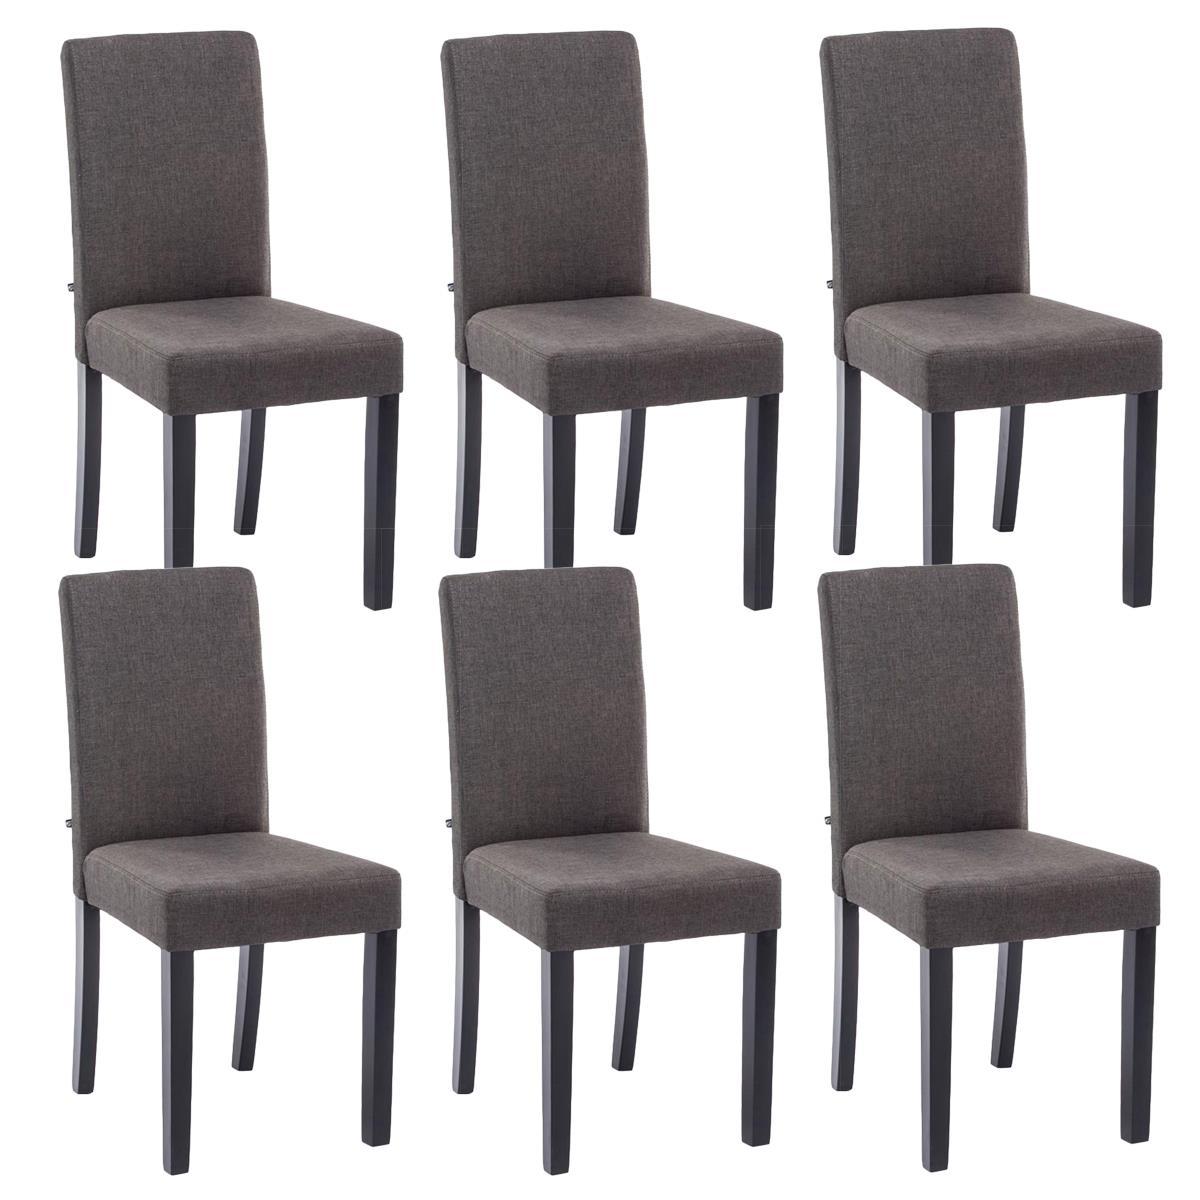 Conjunto de 6 sillas de comedor adria tapizadas en tela for Sillas de tela comedor